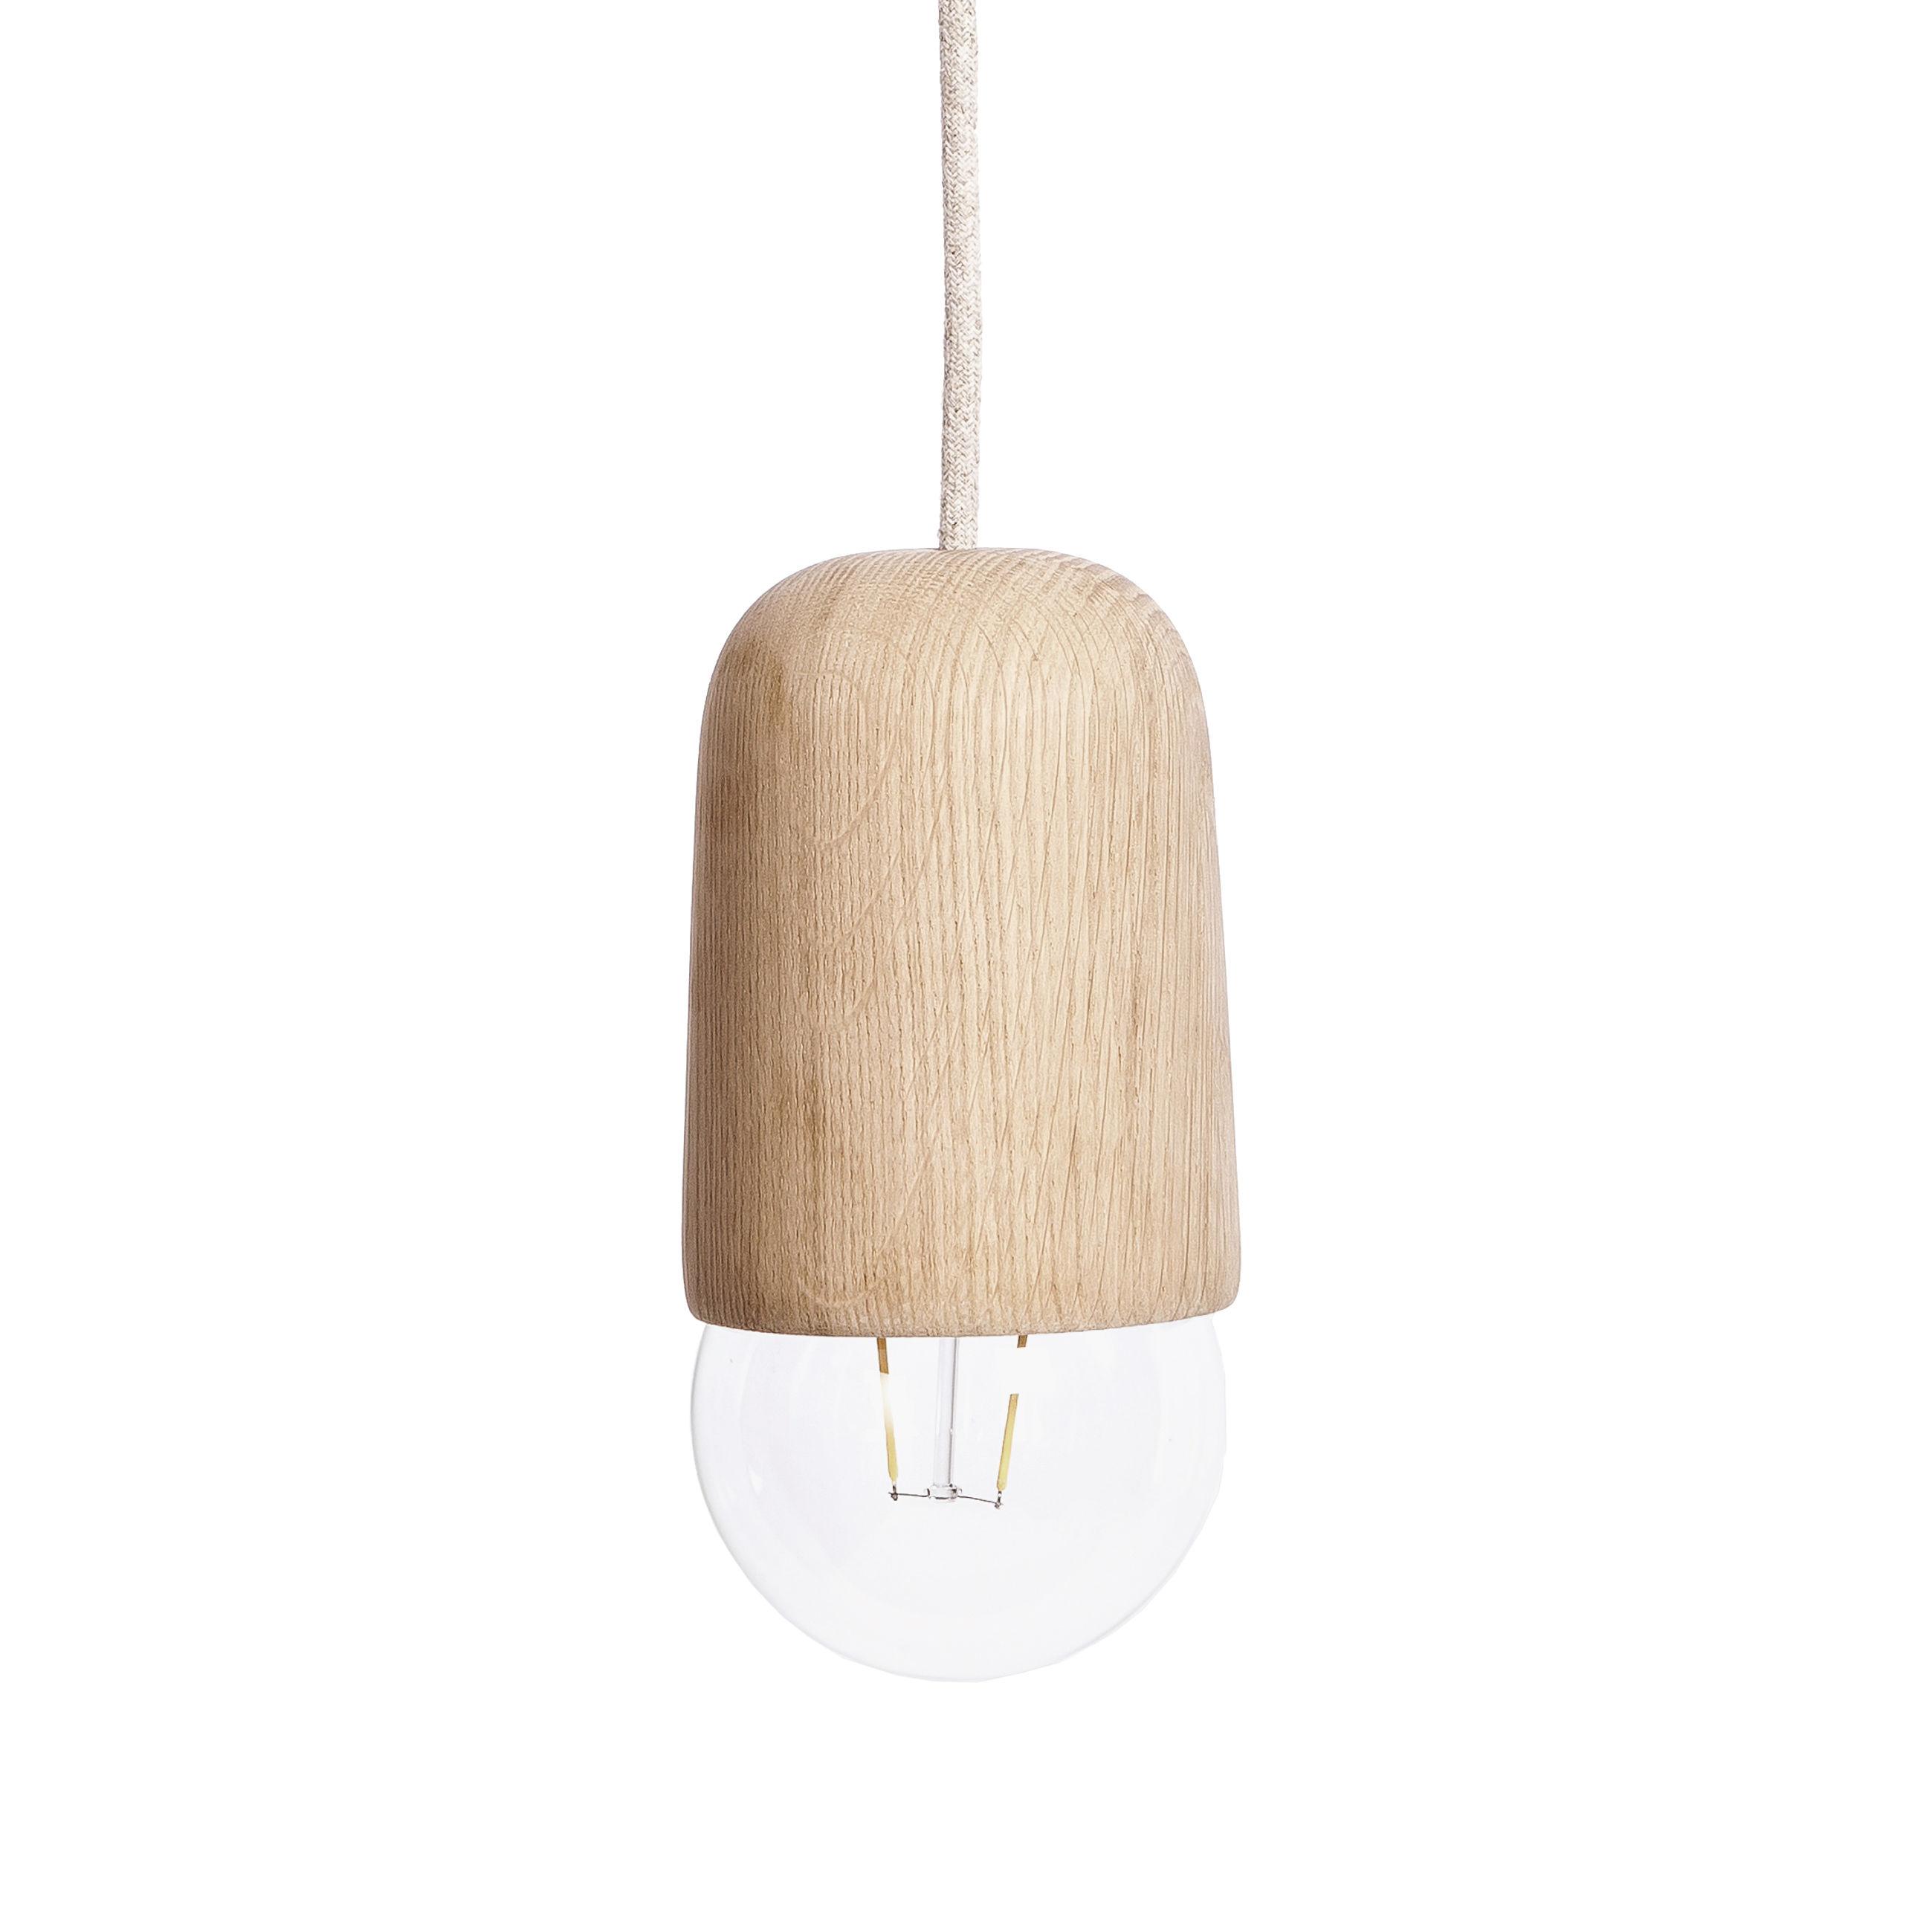 Luminaire - Suspensions - Suspension Luce Medium / Chêne - Ø 10 x H 18 cm - Hartô - Medium / Chêne - Chêne massif